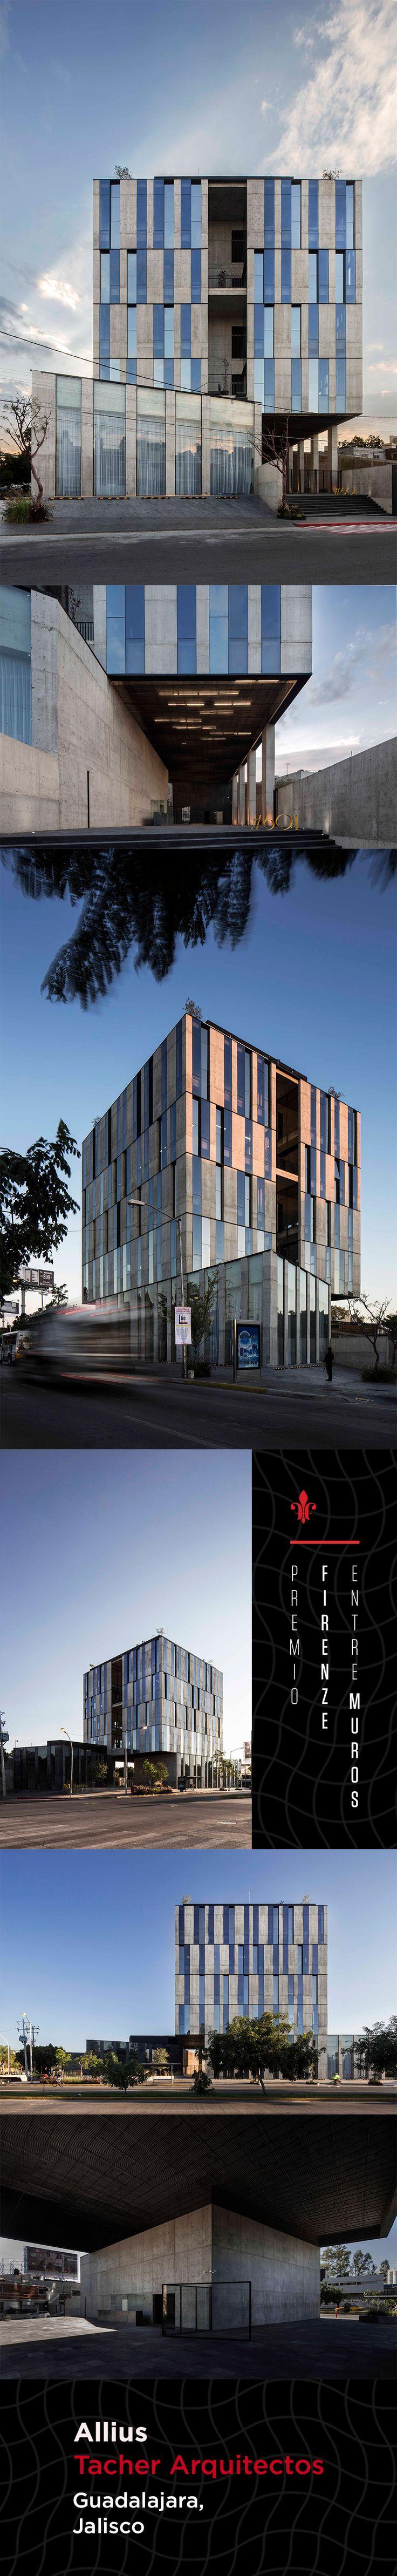 Una imagen potente es el sello distintivo de este edificio, el cual se posa sobre una columna hueca central, mientras que en el perímetro se colocaron puntales de concreto que forman la fachada. Des- taca su alta e ciencia un juego de ventanas fijas y de proyección que generan un patrón geométrico.